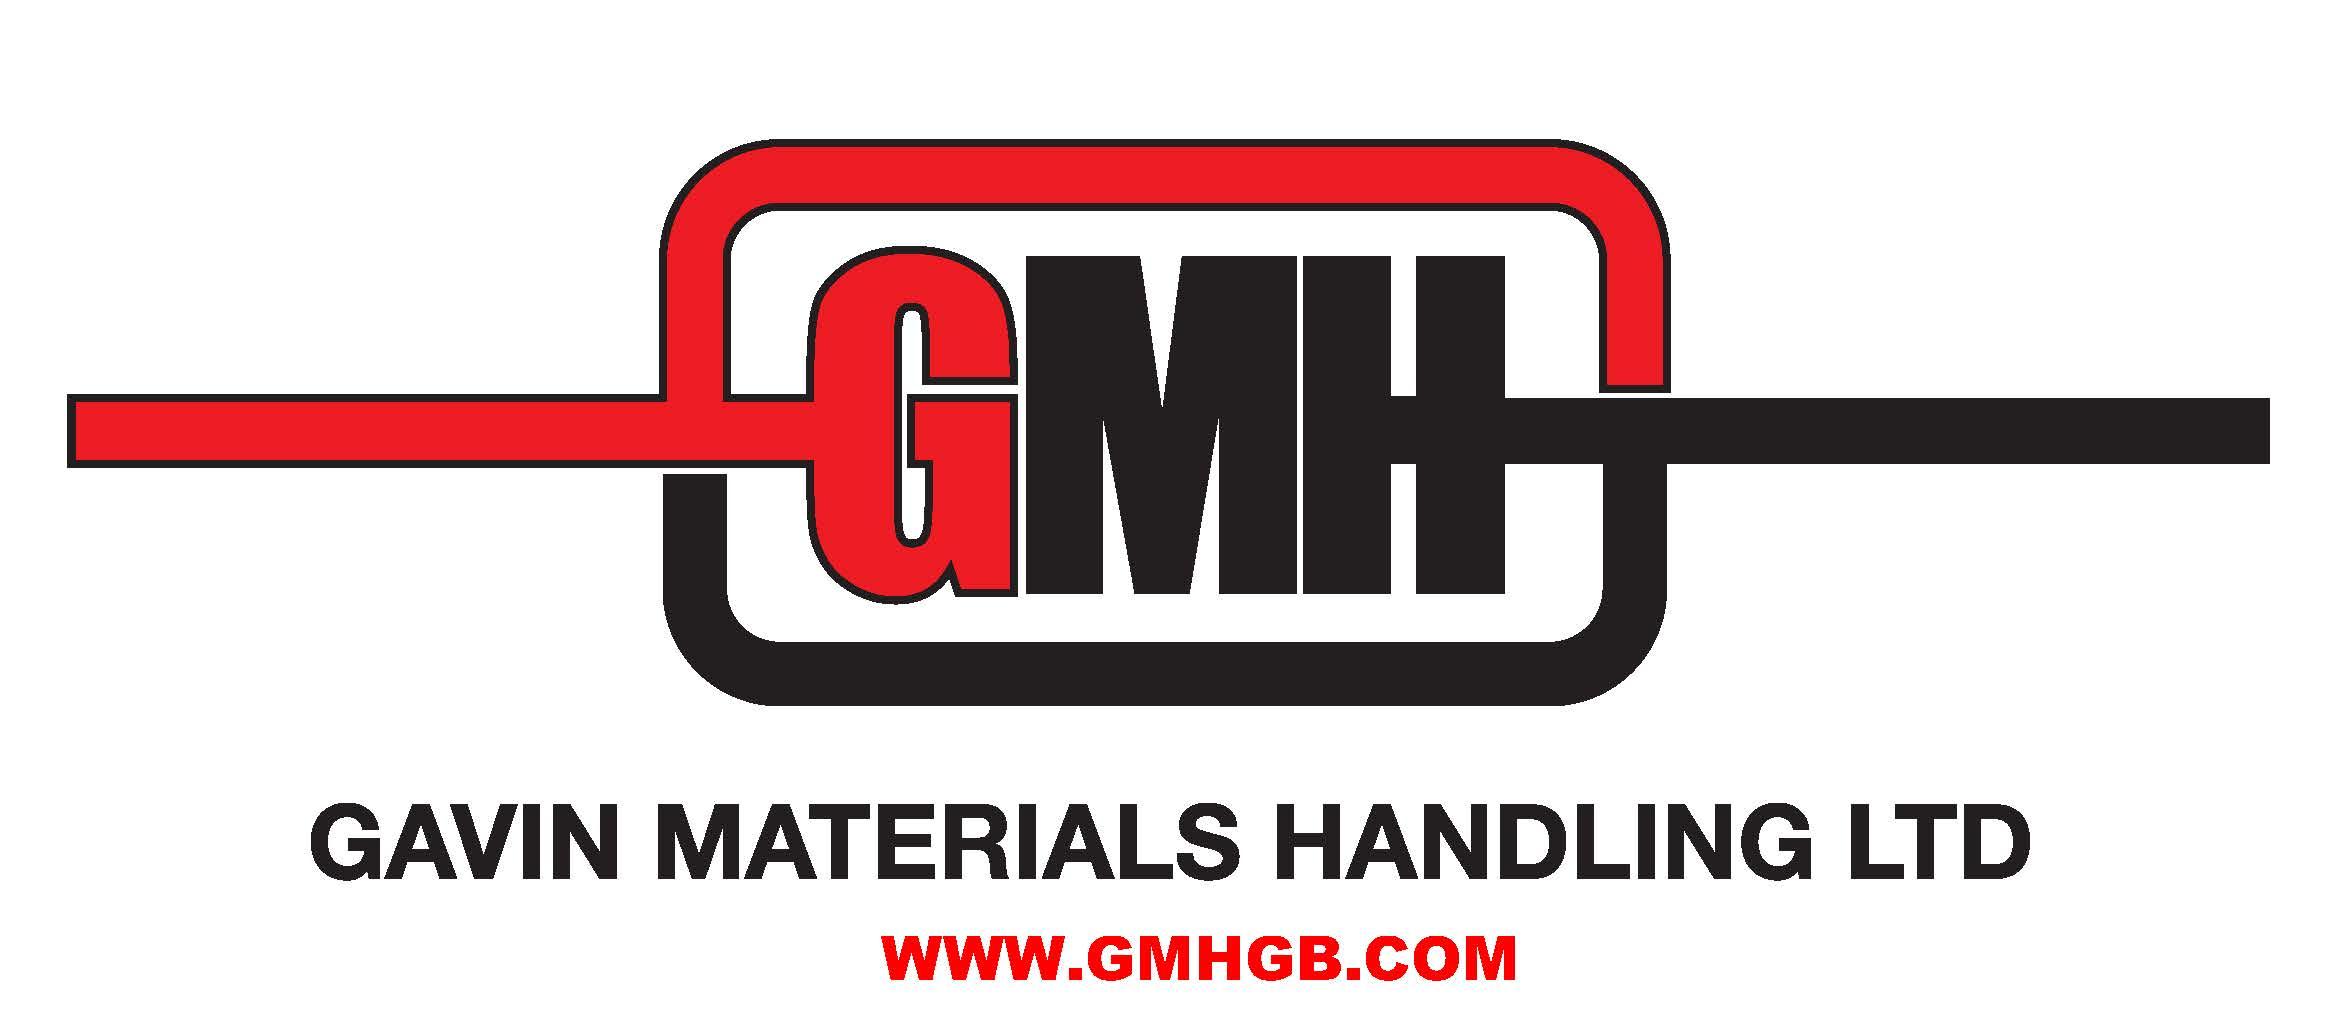 Gavin Materials Handling